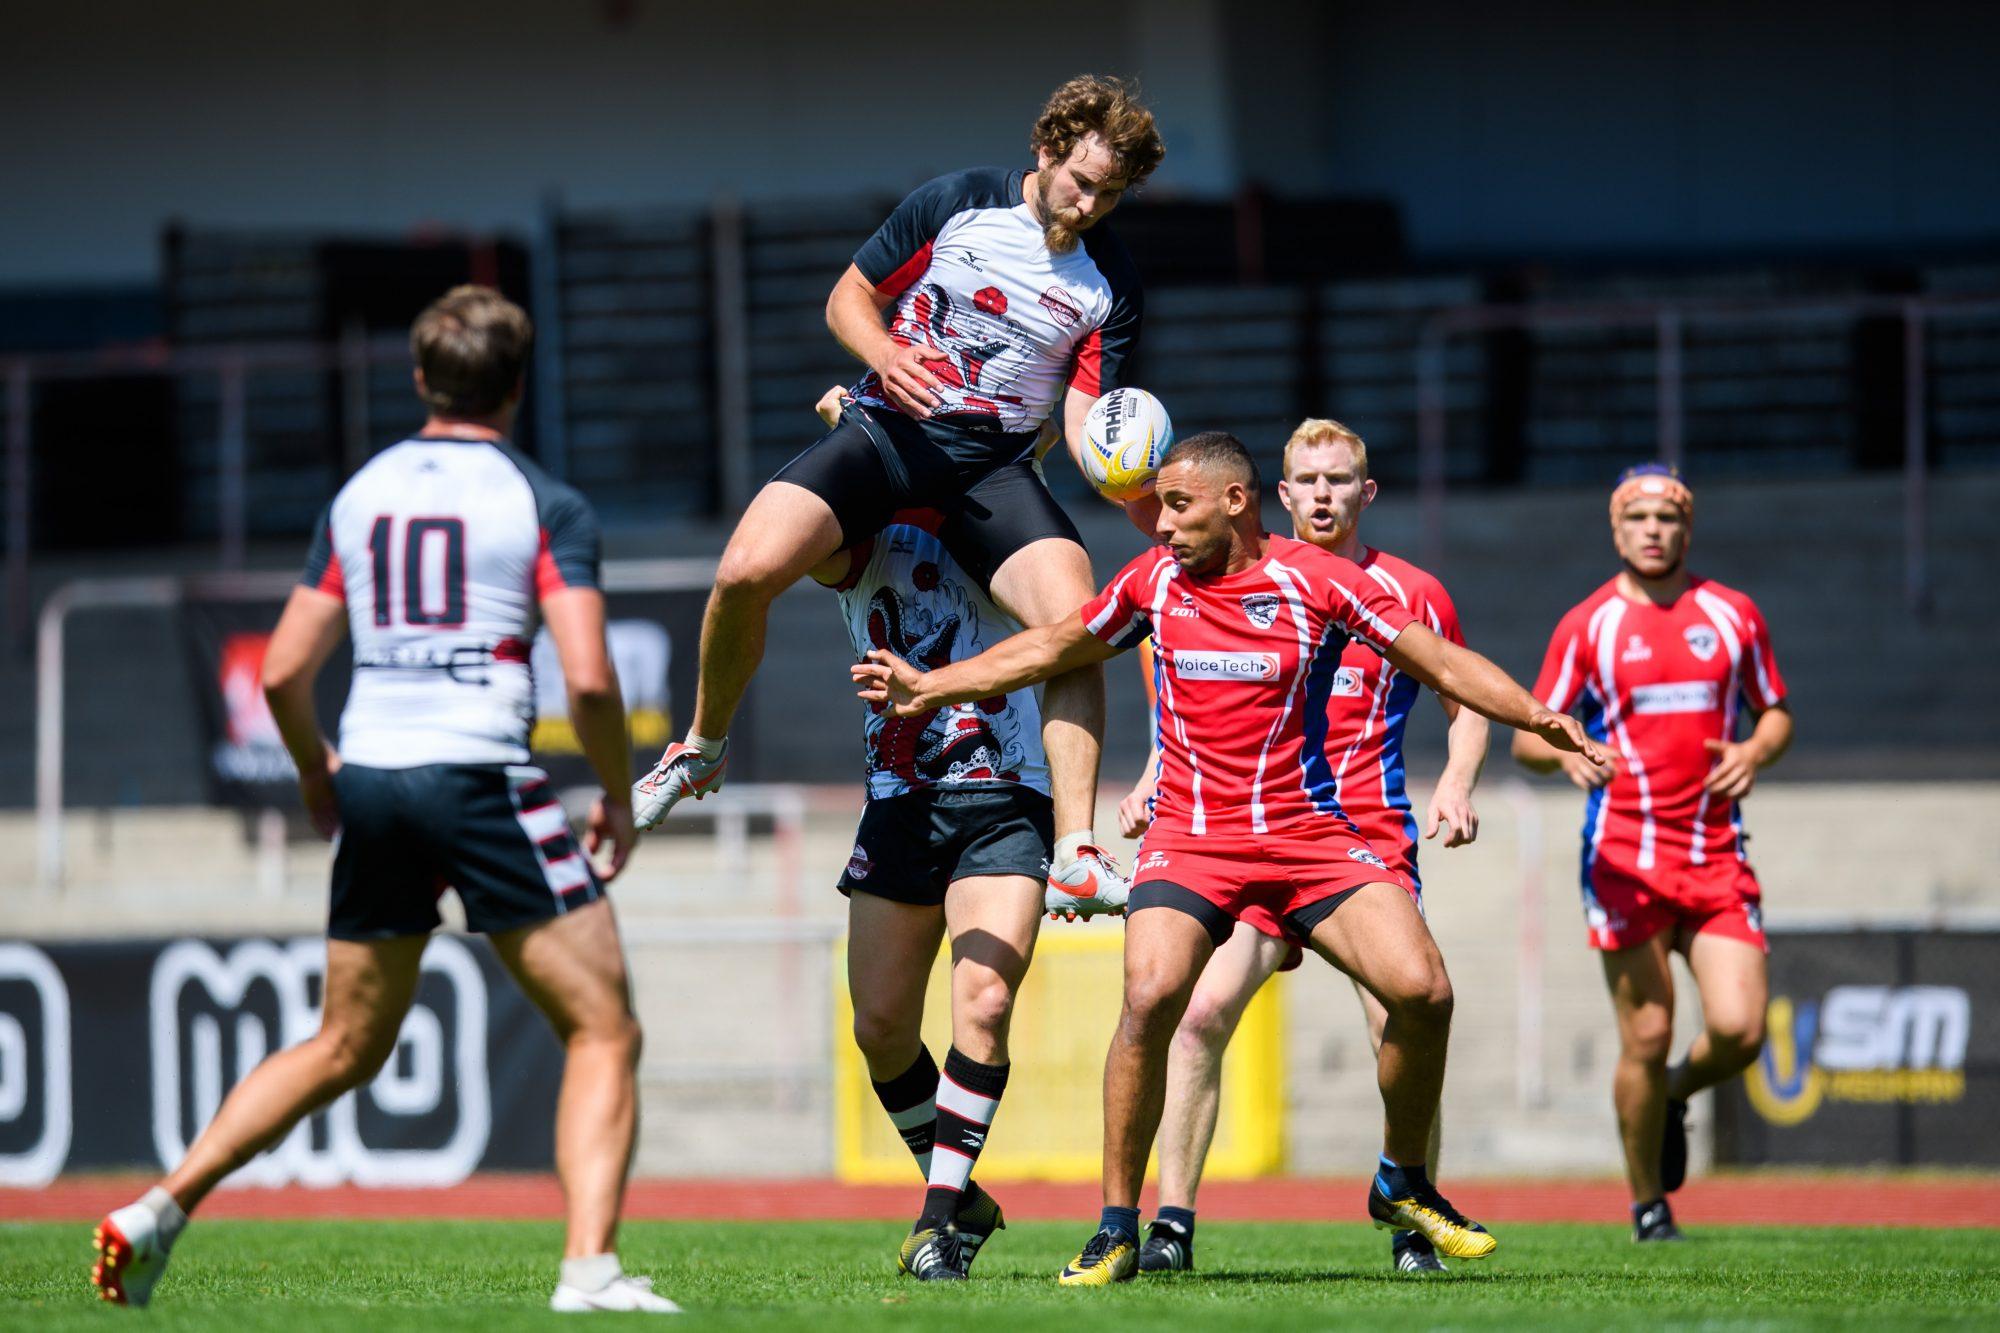 Växjös Anthony Rafael och Södertäljes Baptiste Desseaux under en match i Rugby 7's mellan Växjö och Södertälje under dag 4 av SM-veckan den 29 juni 2019 i Malmö.